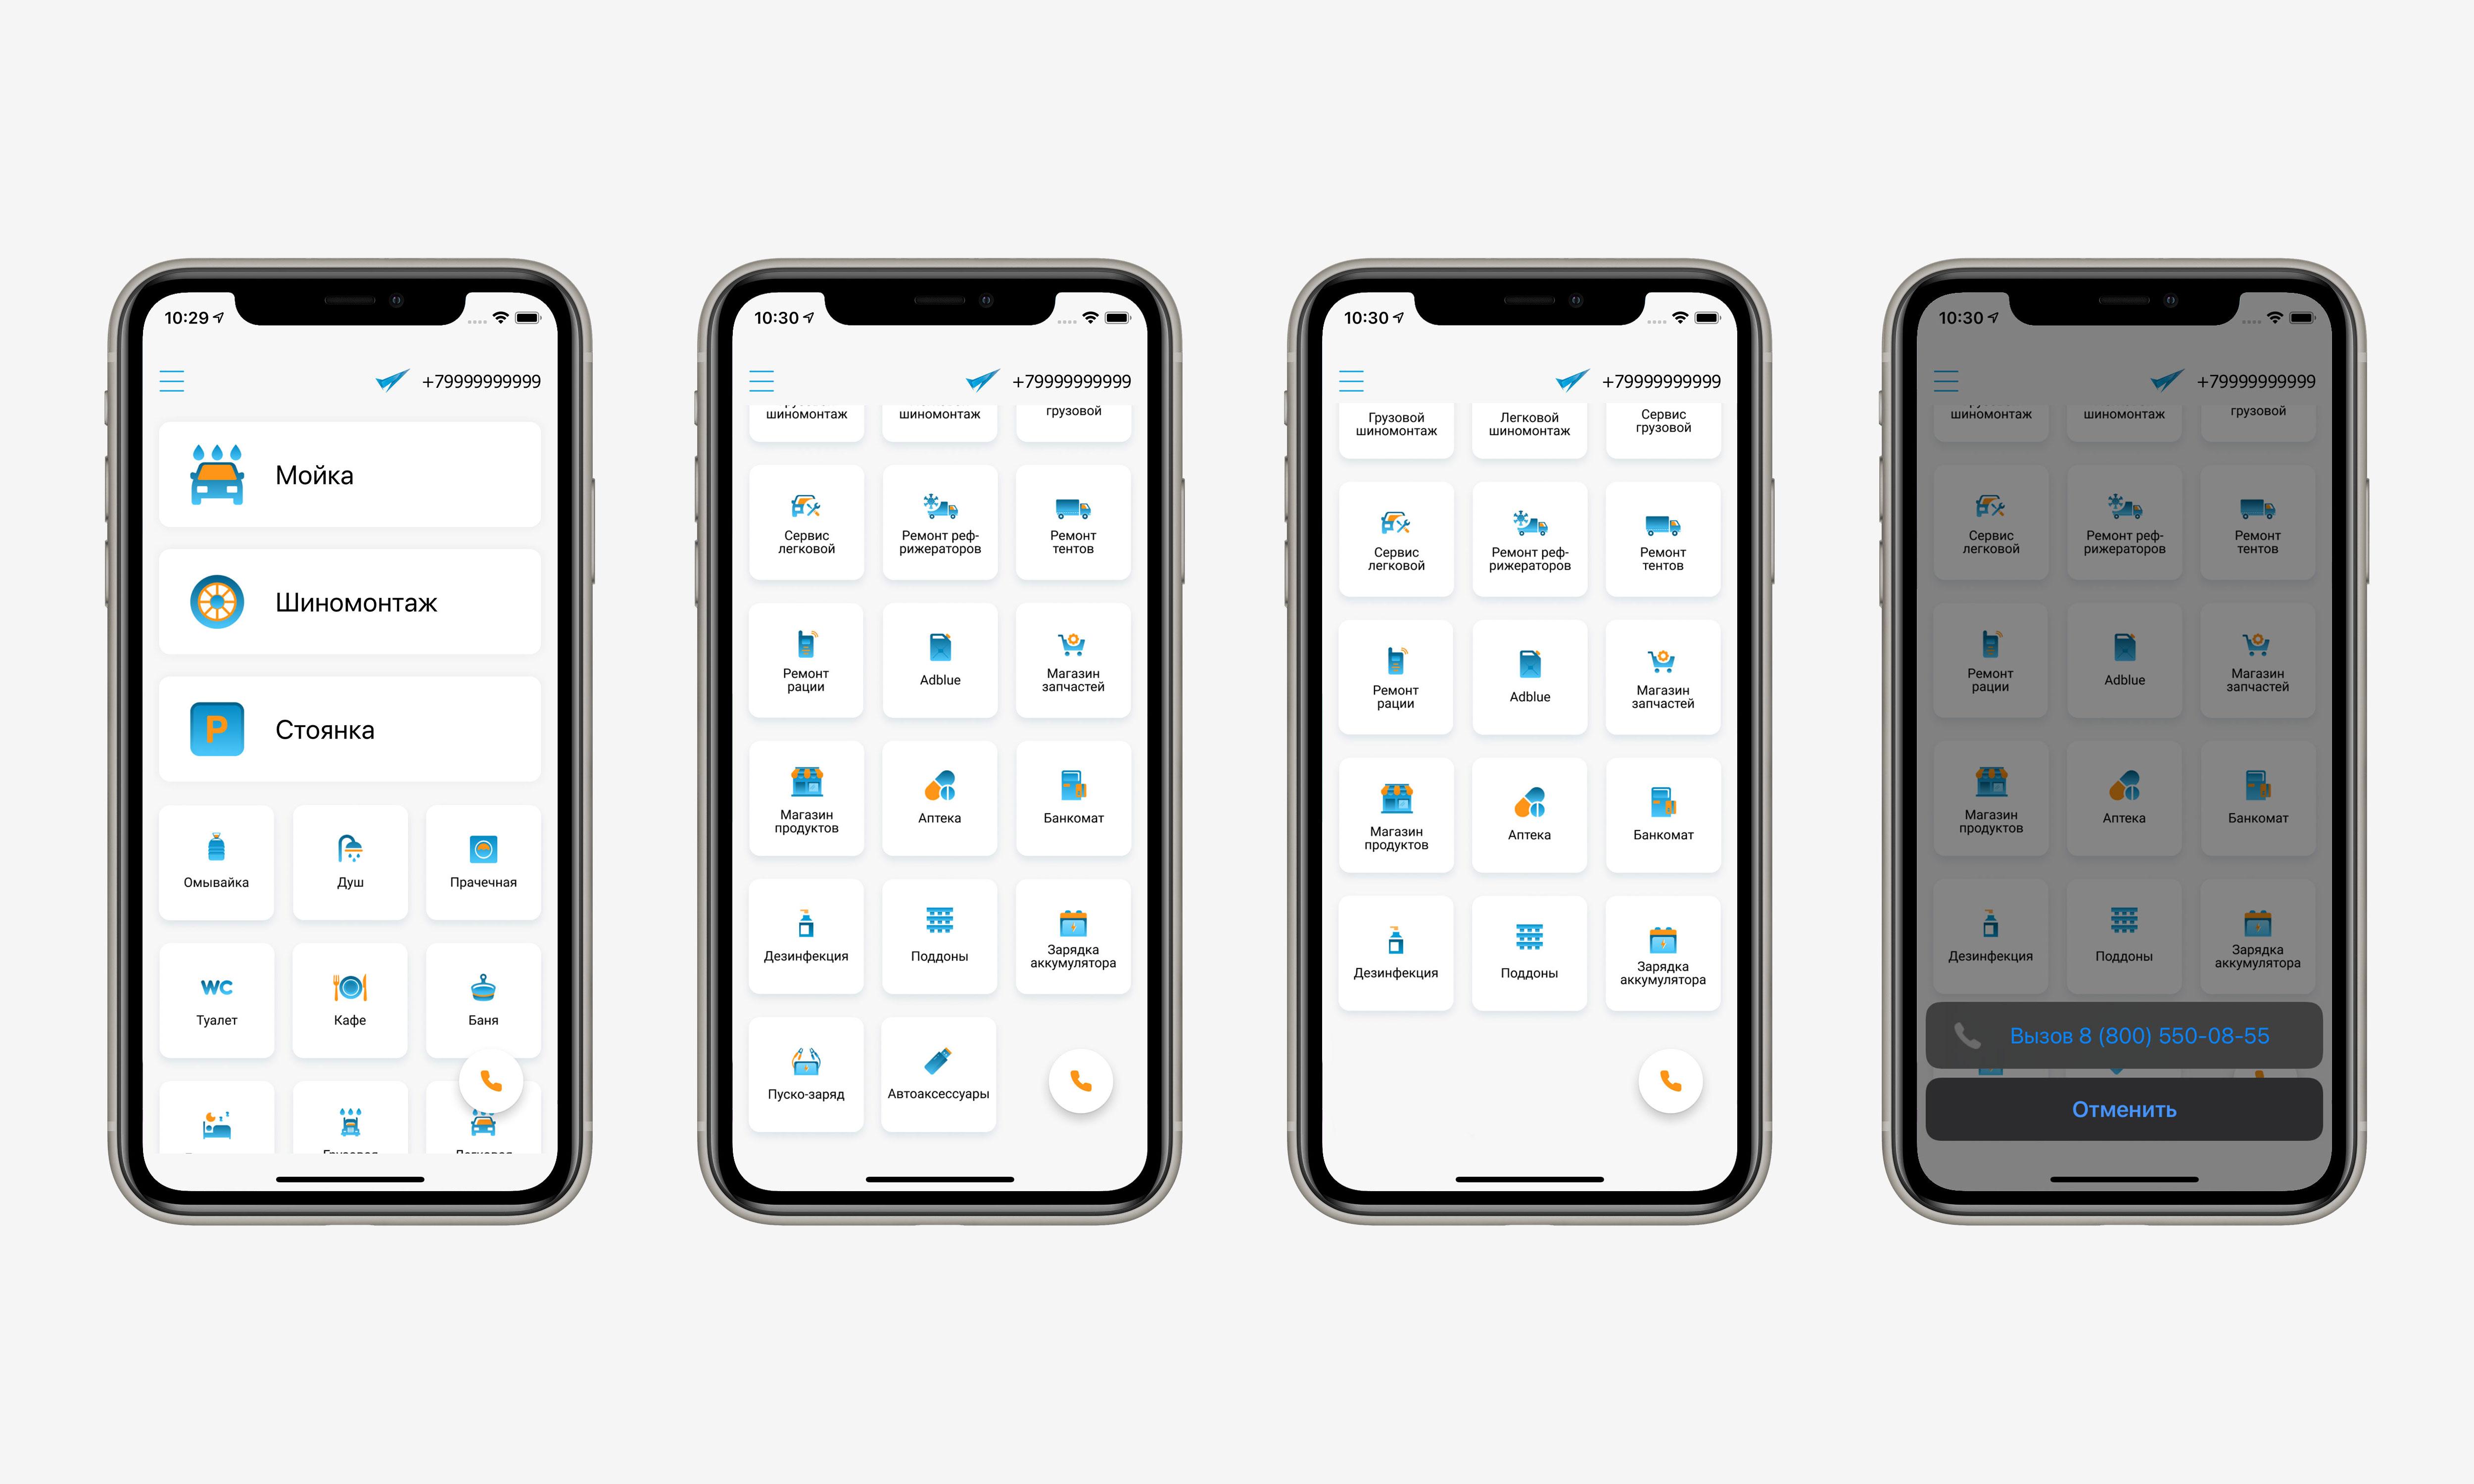 Плавающая кнопка для связи с нами в iOS